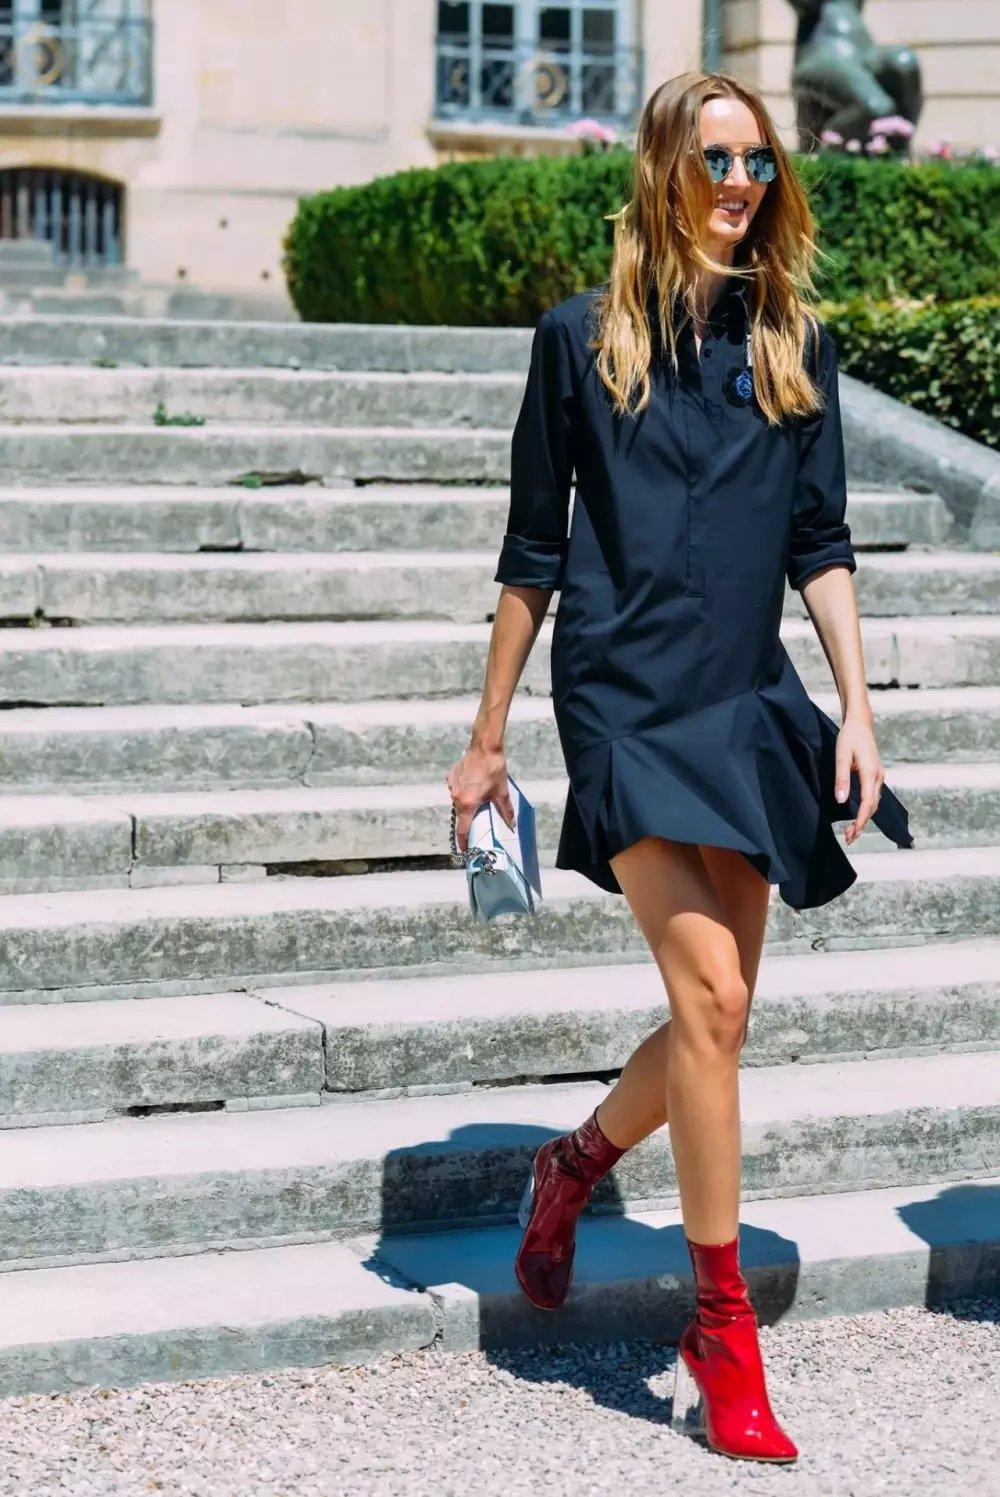 裙子+短靴才是初秋最时髦搭配! 9